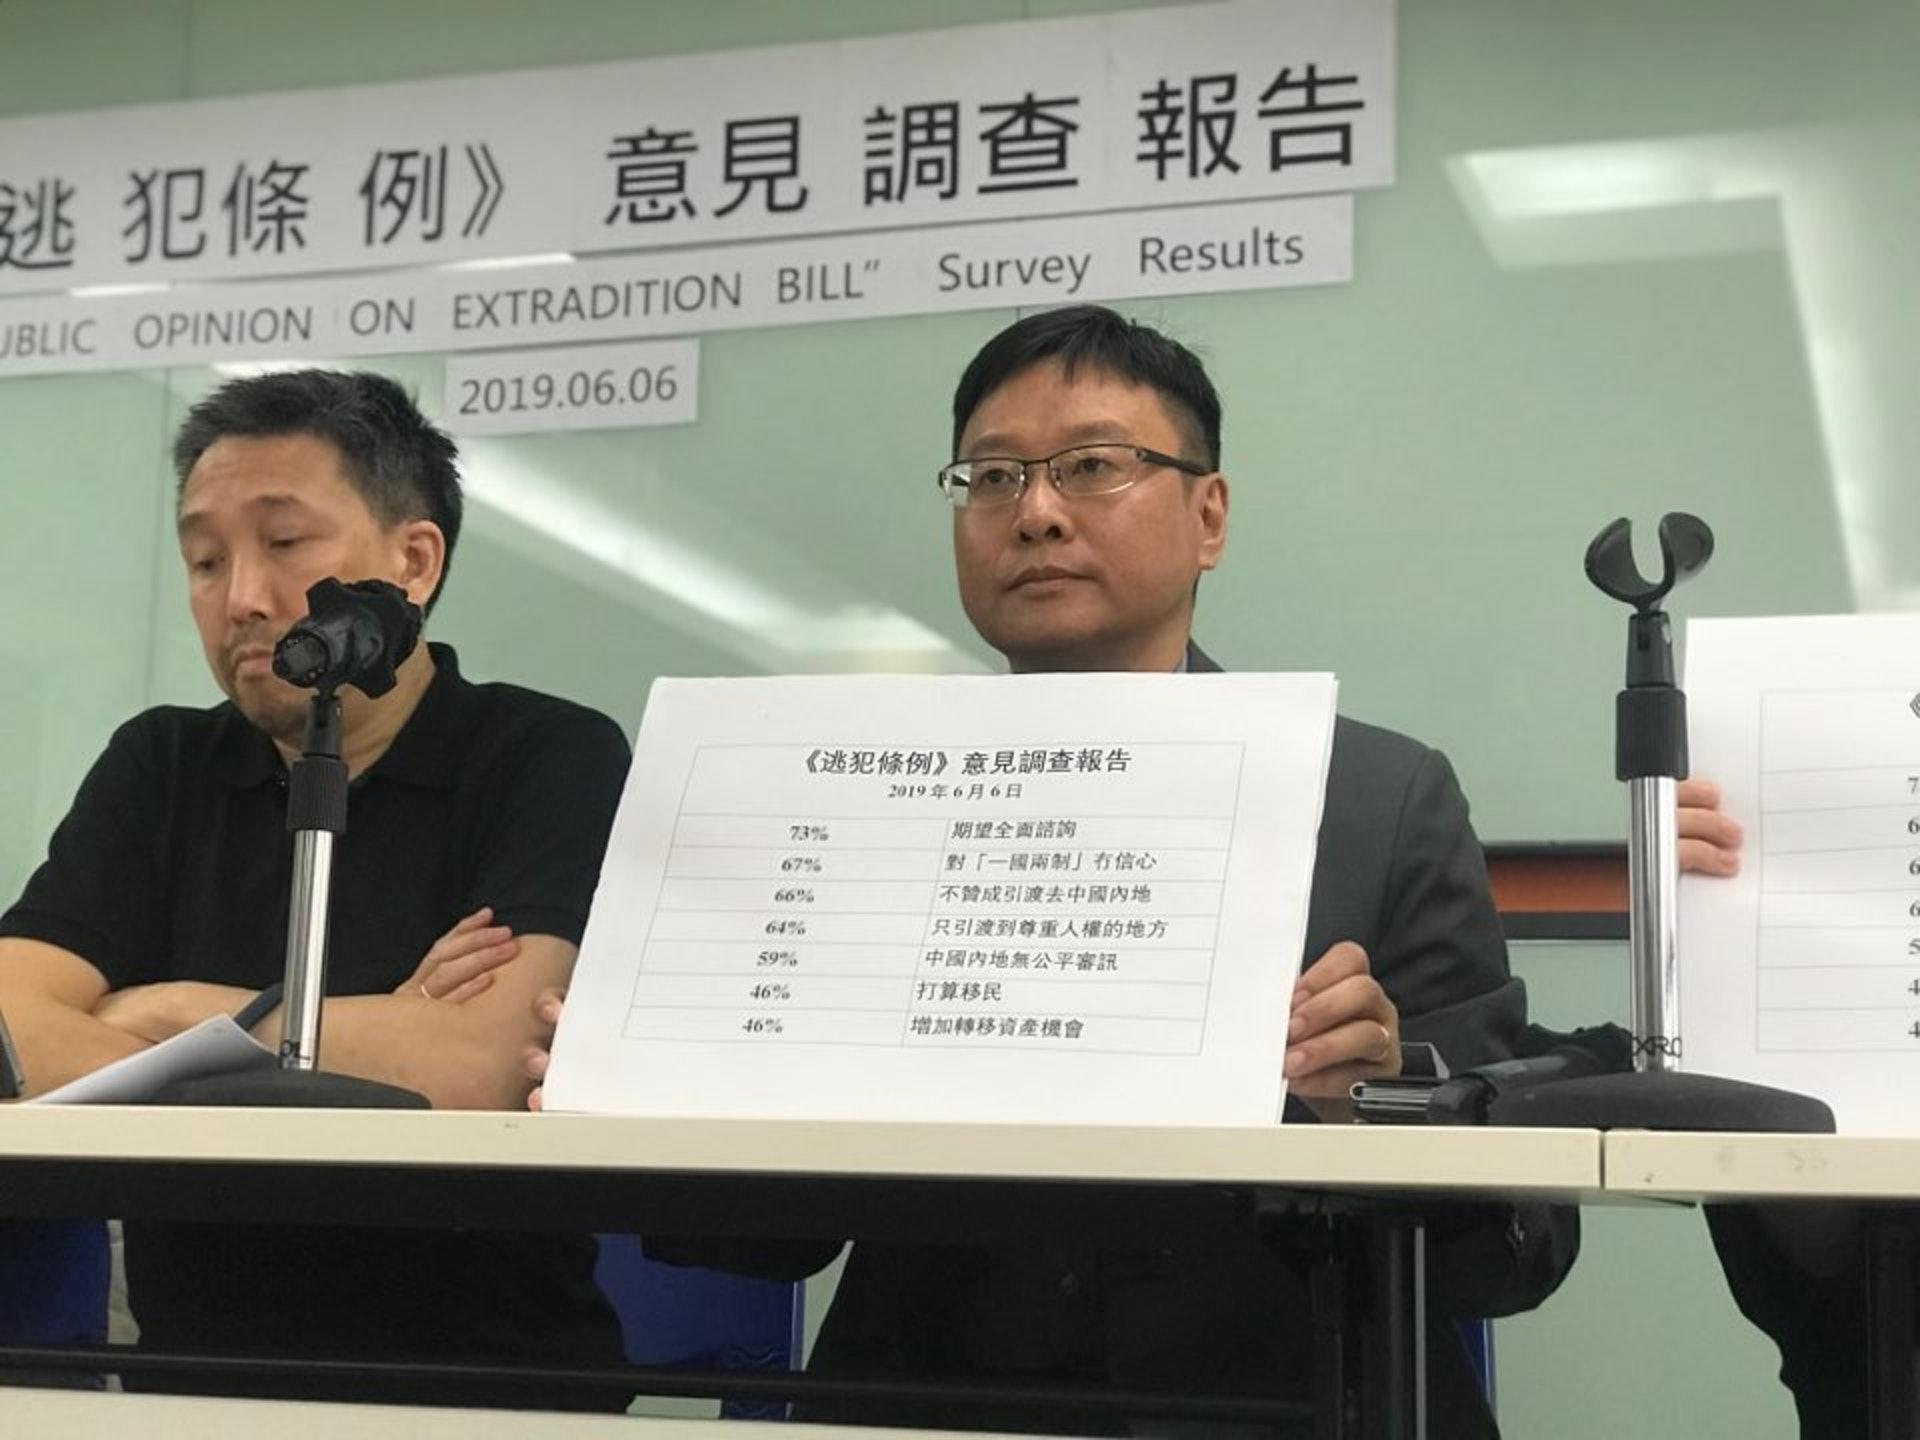 陳家洛(右)指出,調查以科學方法反映港人的民意,形容調查結果是「壓倒性」。(吳倬安攝)